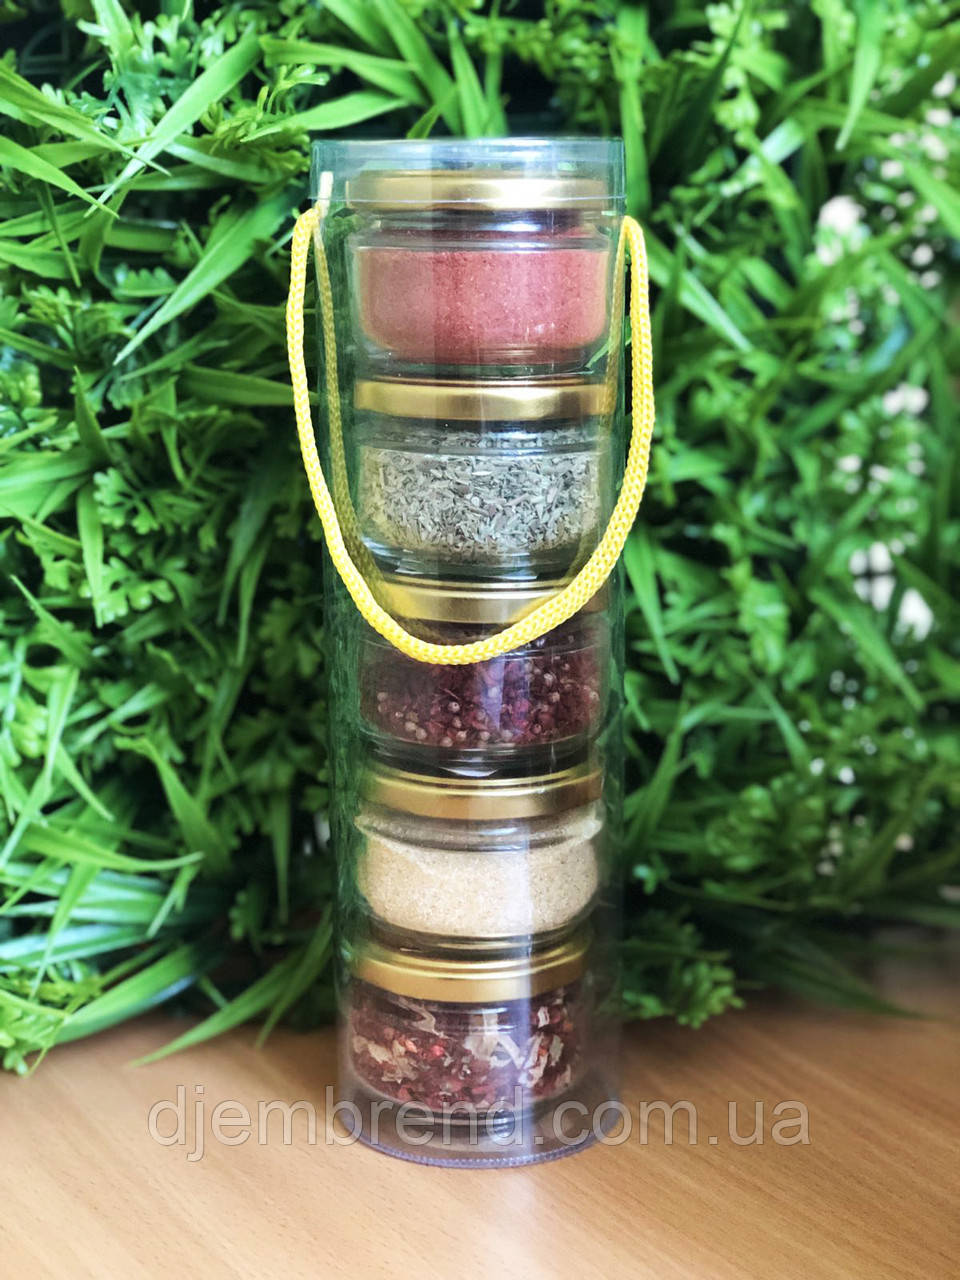 Подарунковий набір спецій : орегано, сванская сіль, для шашлику, часник, для перших страв